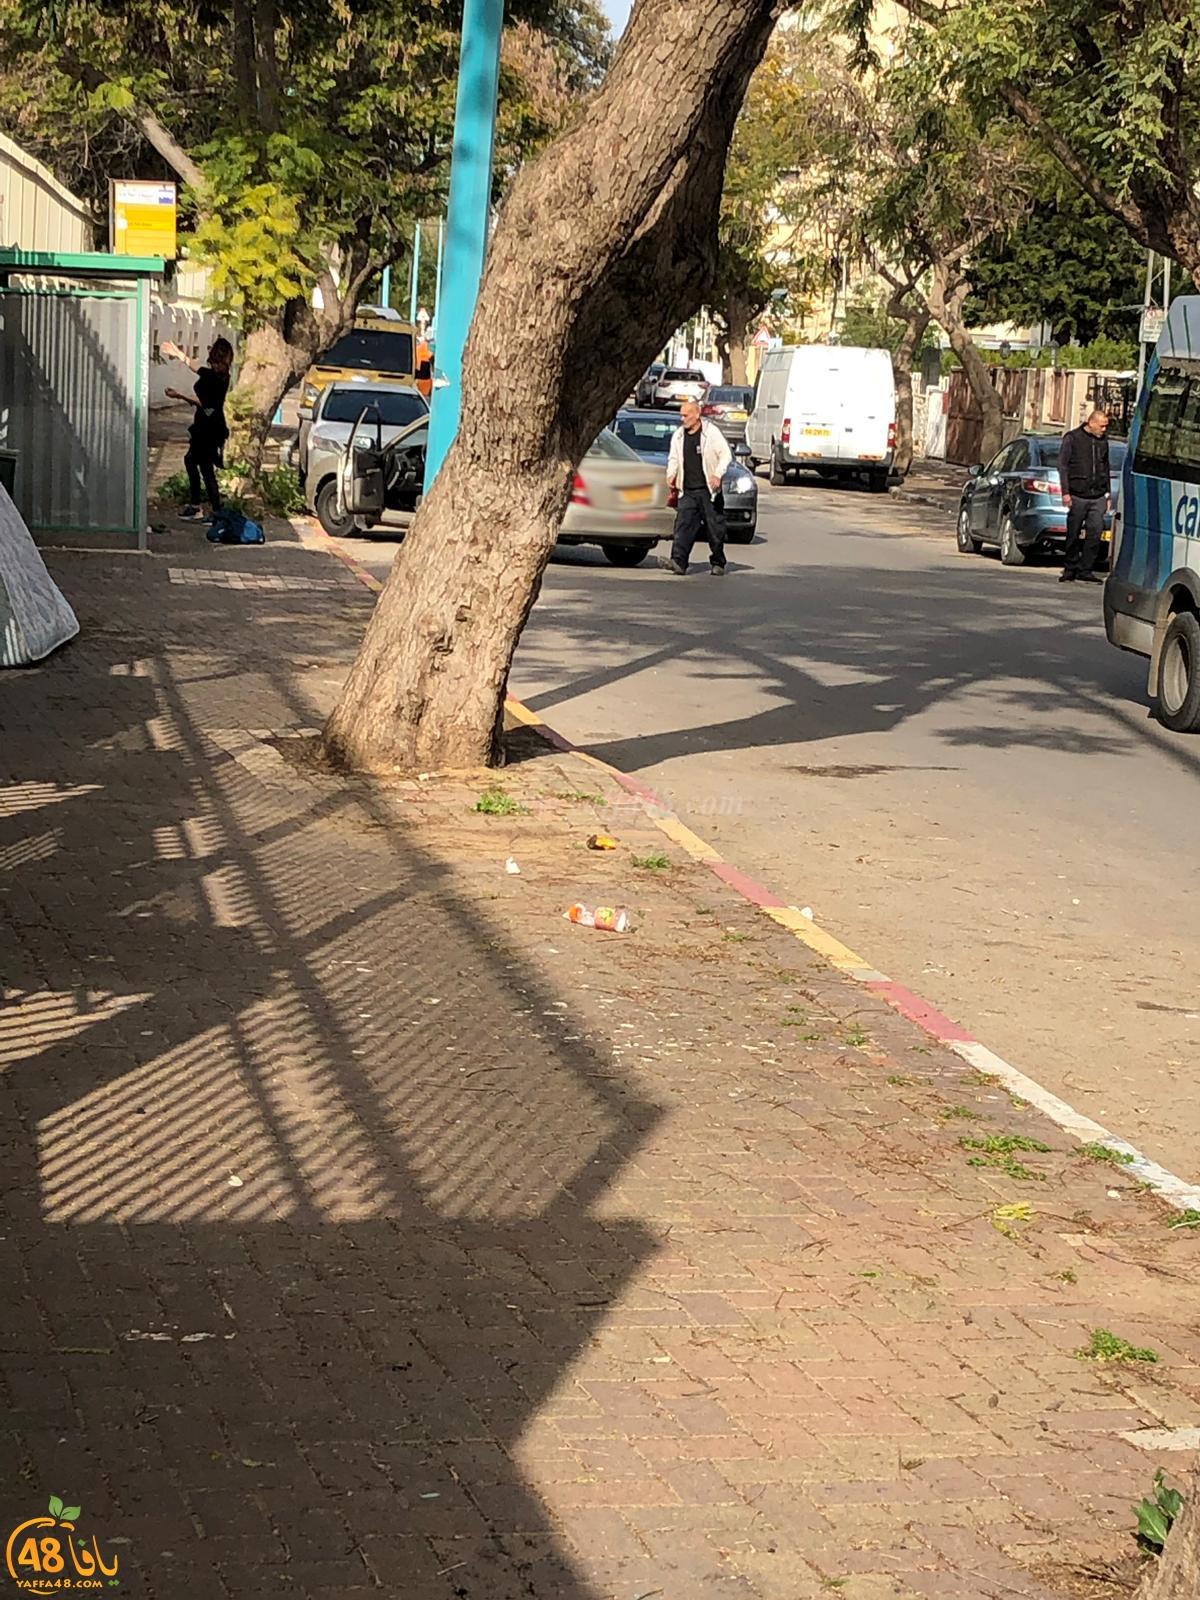 اللد: إصابة طفيفة لطفل بحادث دهس بالمدينة